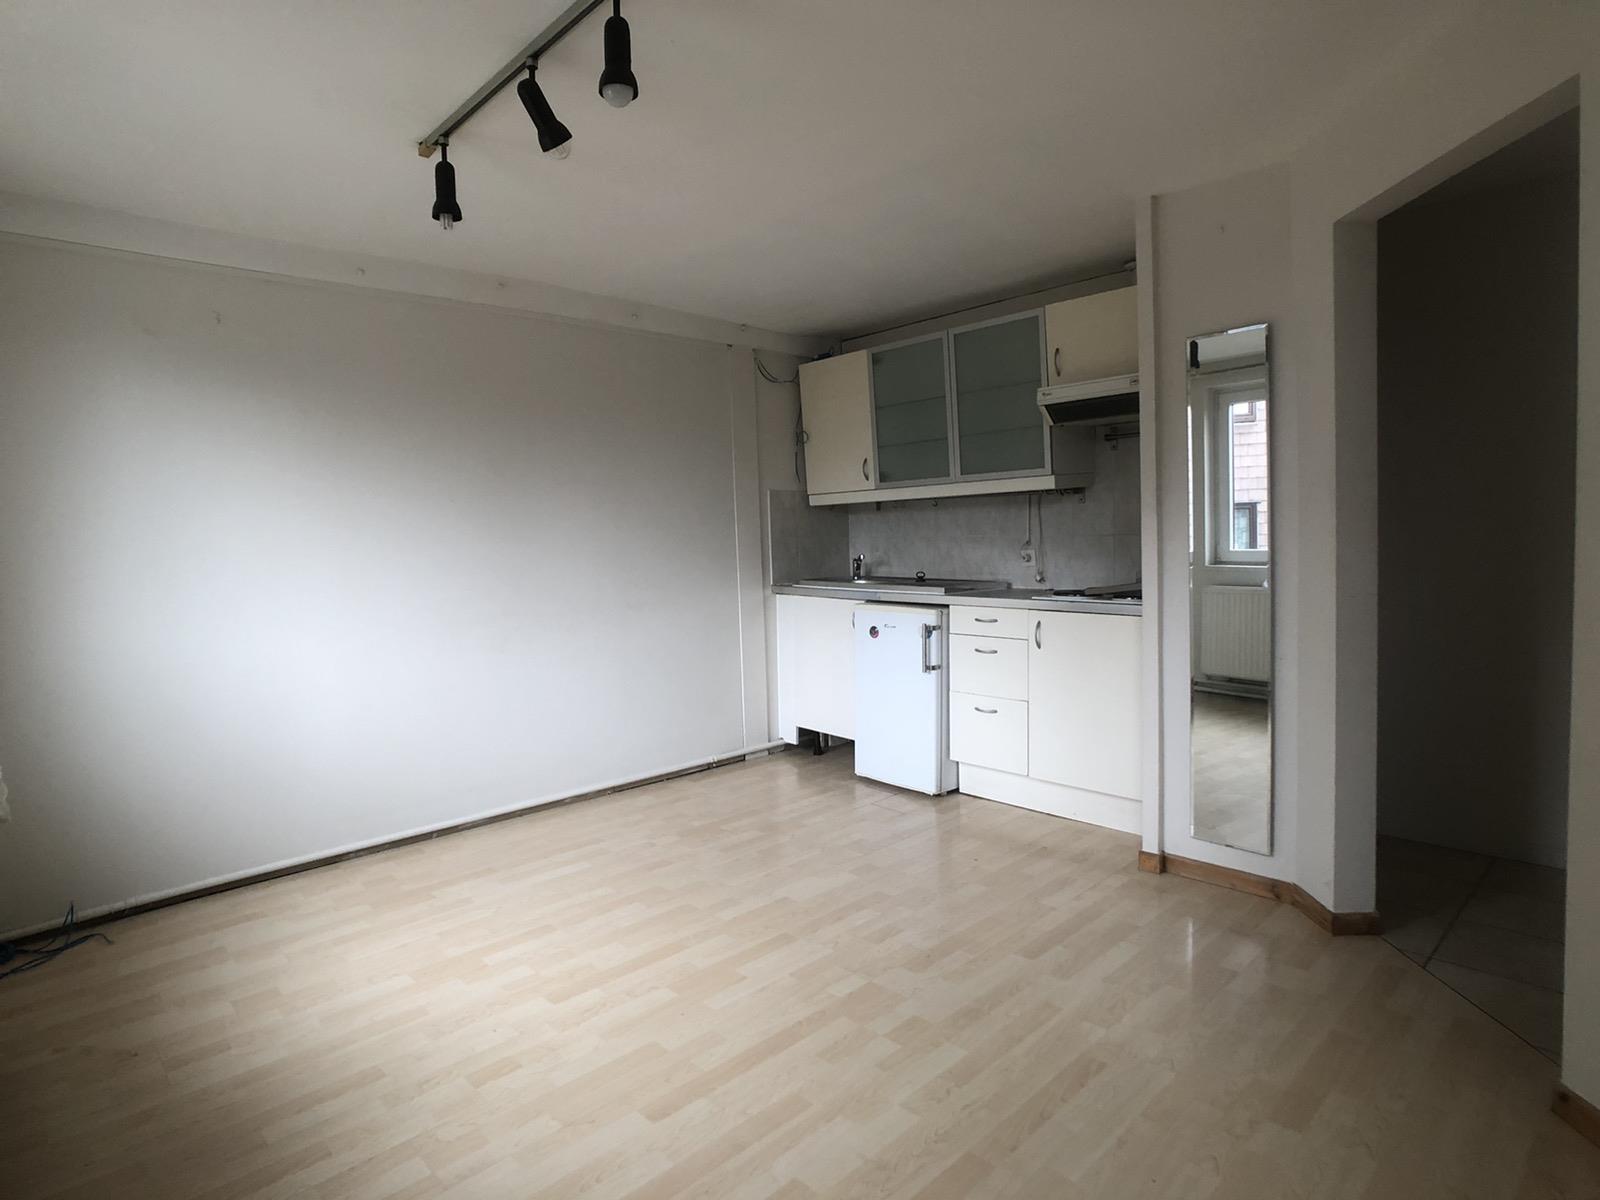 Appartement - Ottignies-Louvain-la-Neuve - #4311066-4